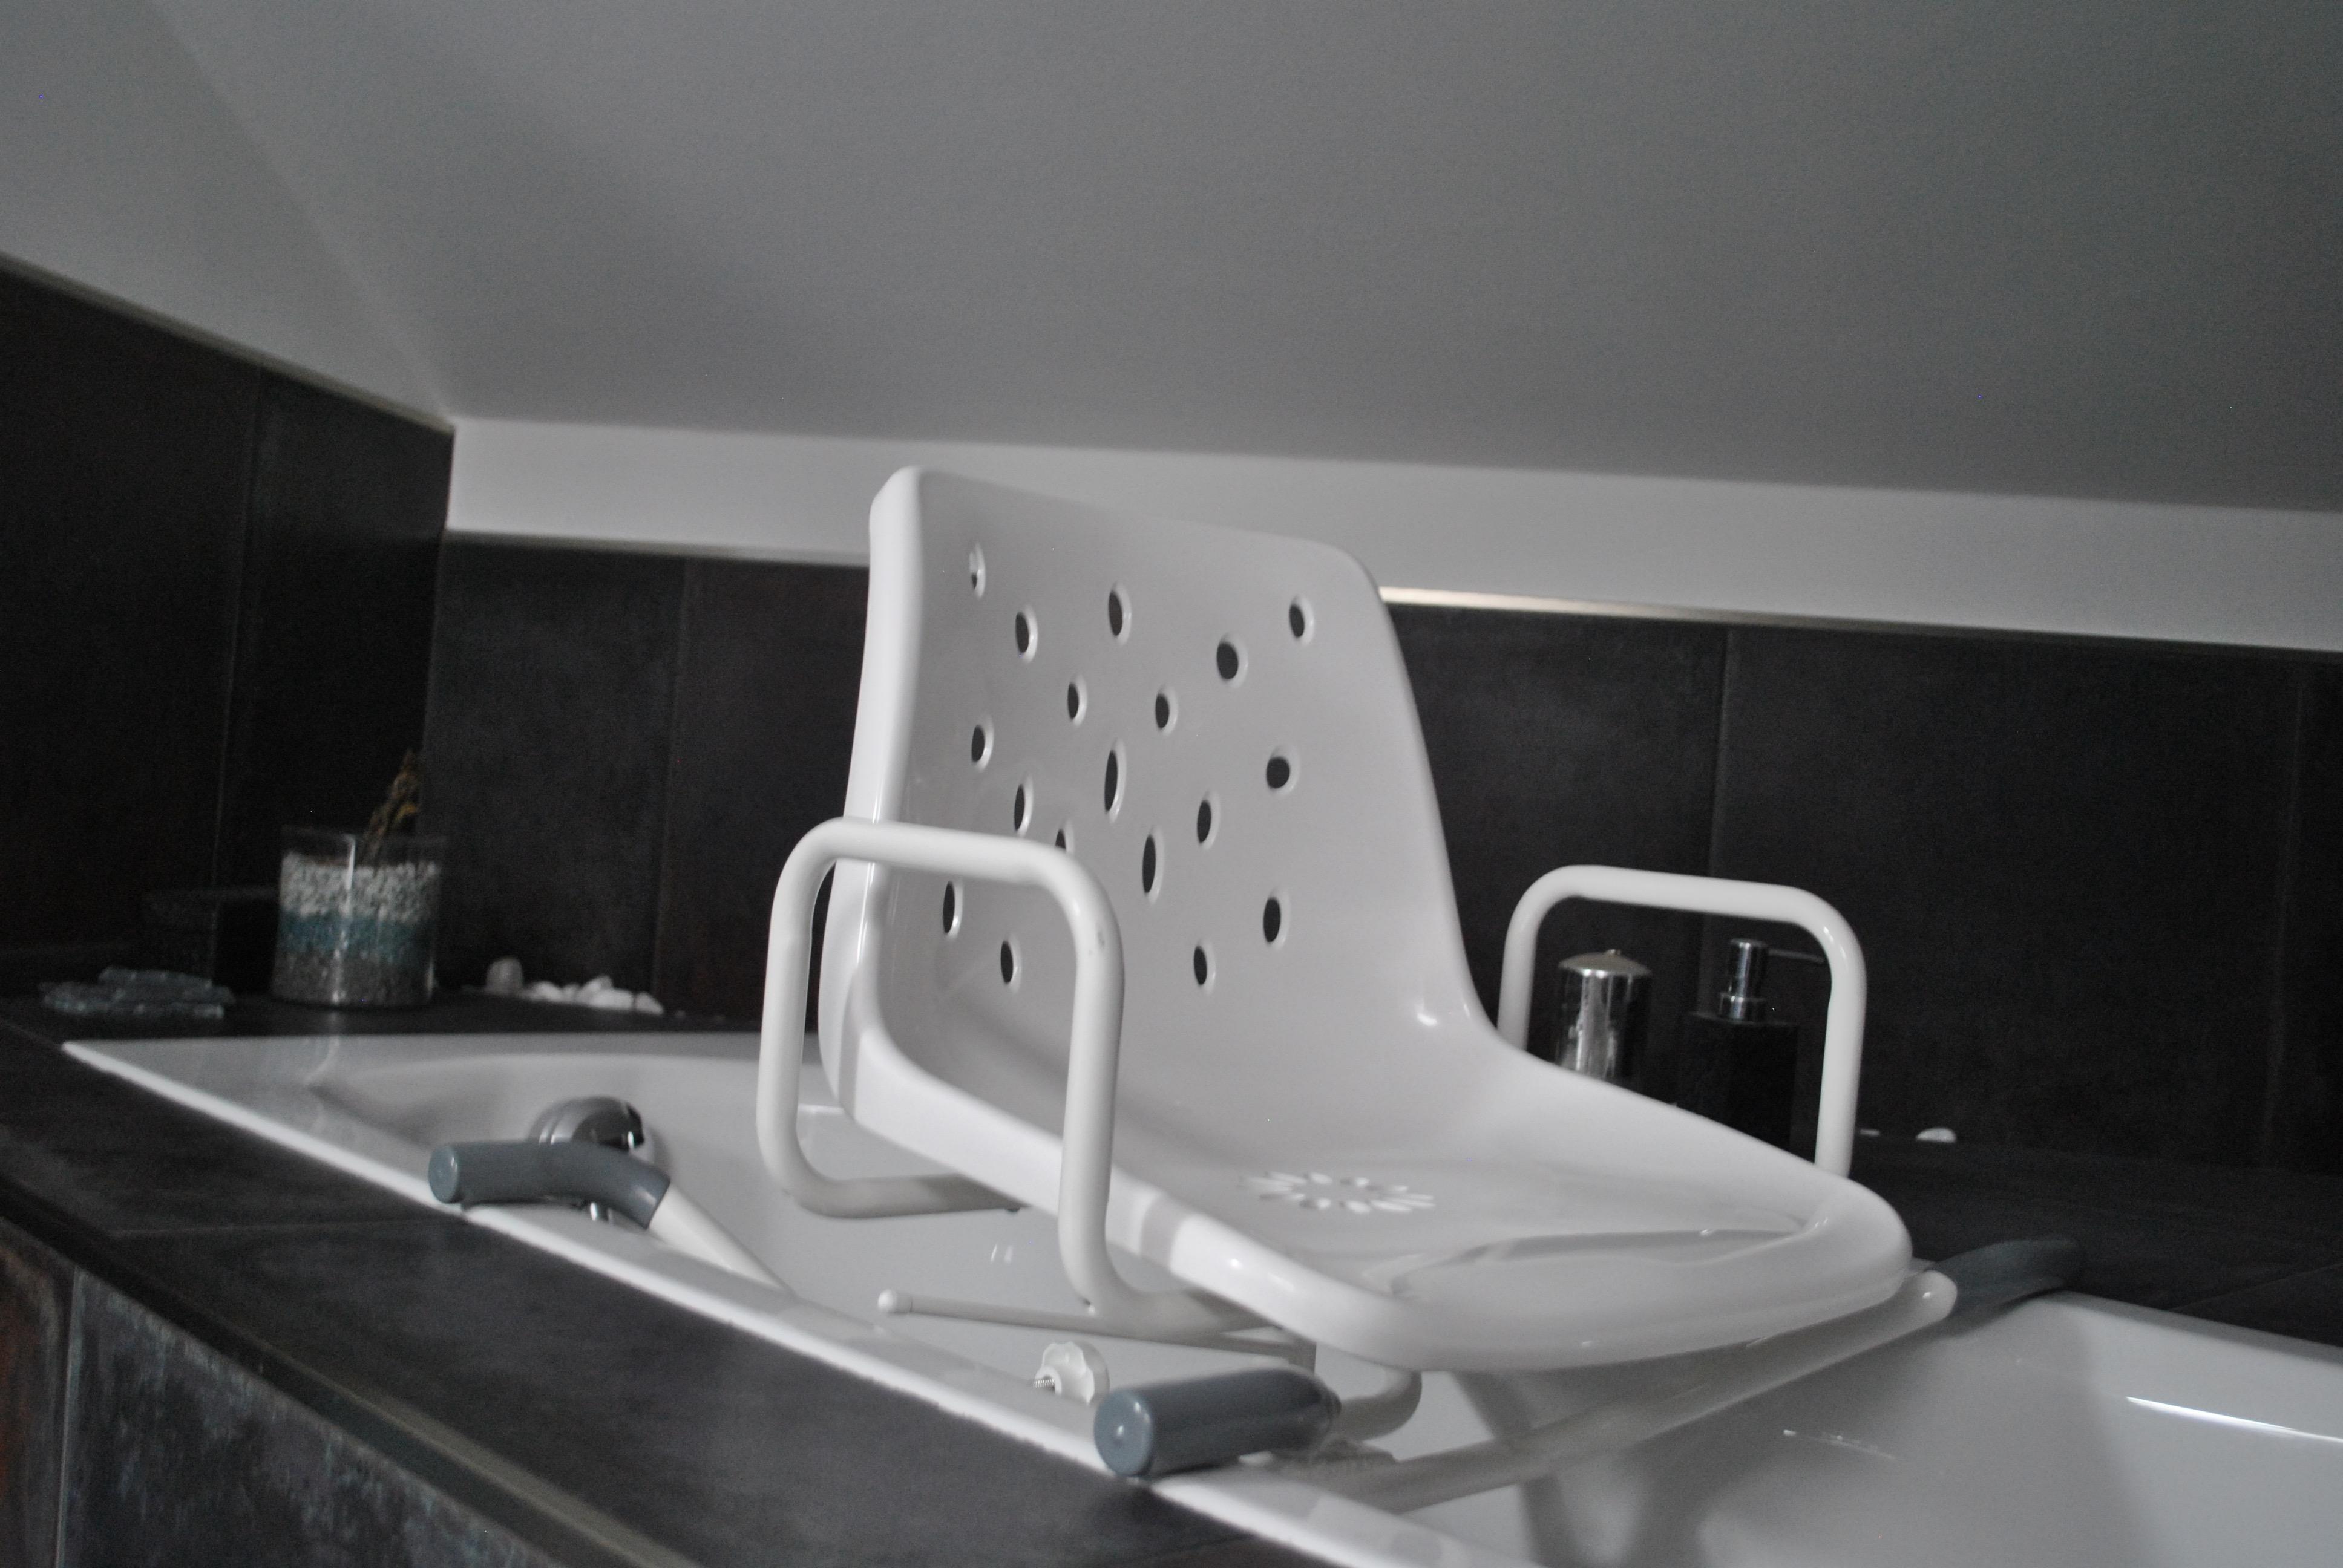 Sedia girevole per vasca da bagno per anziani e disabili